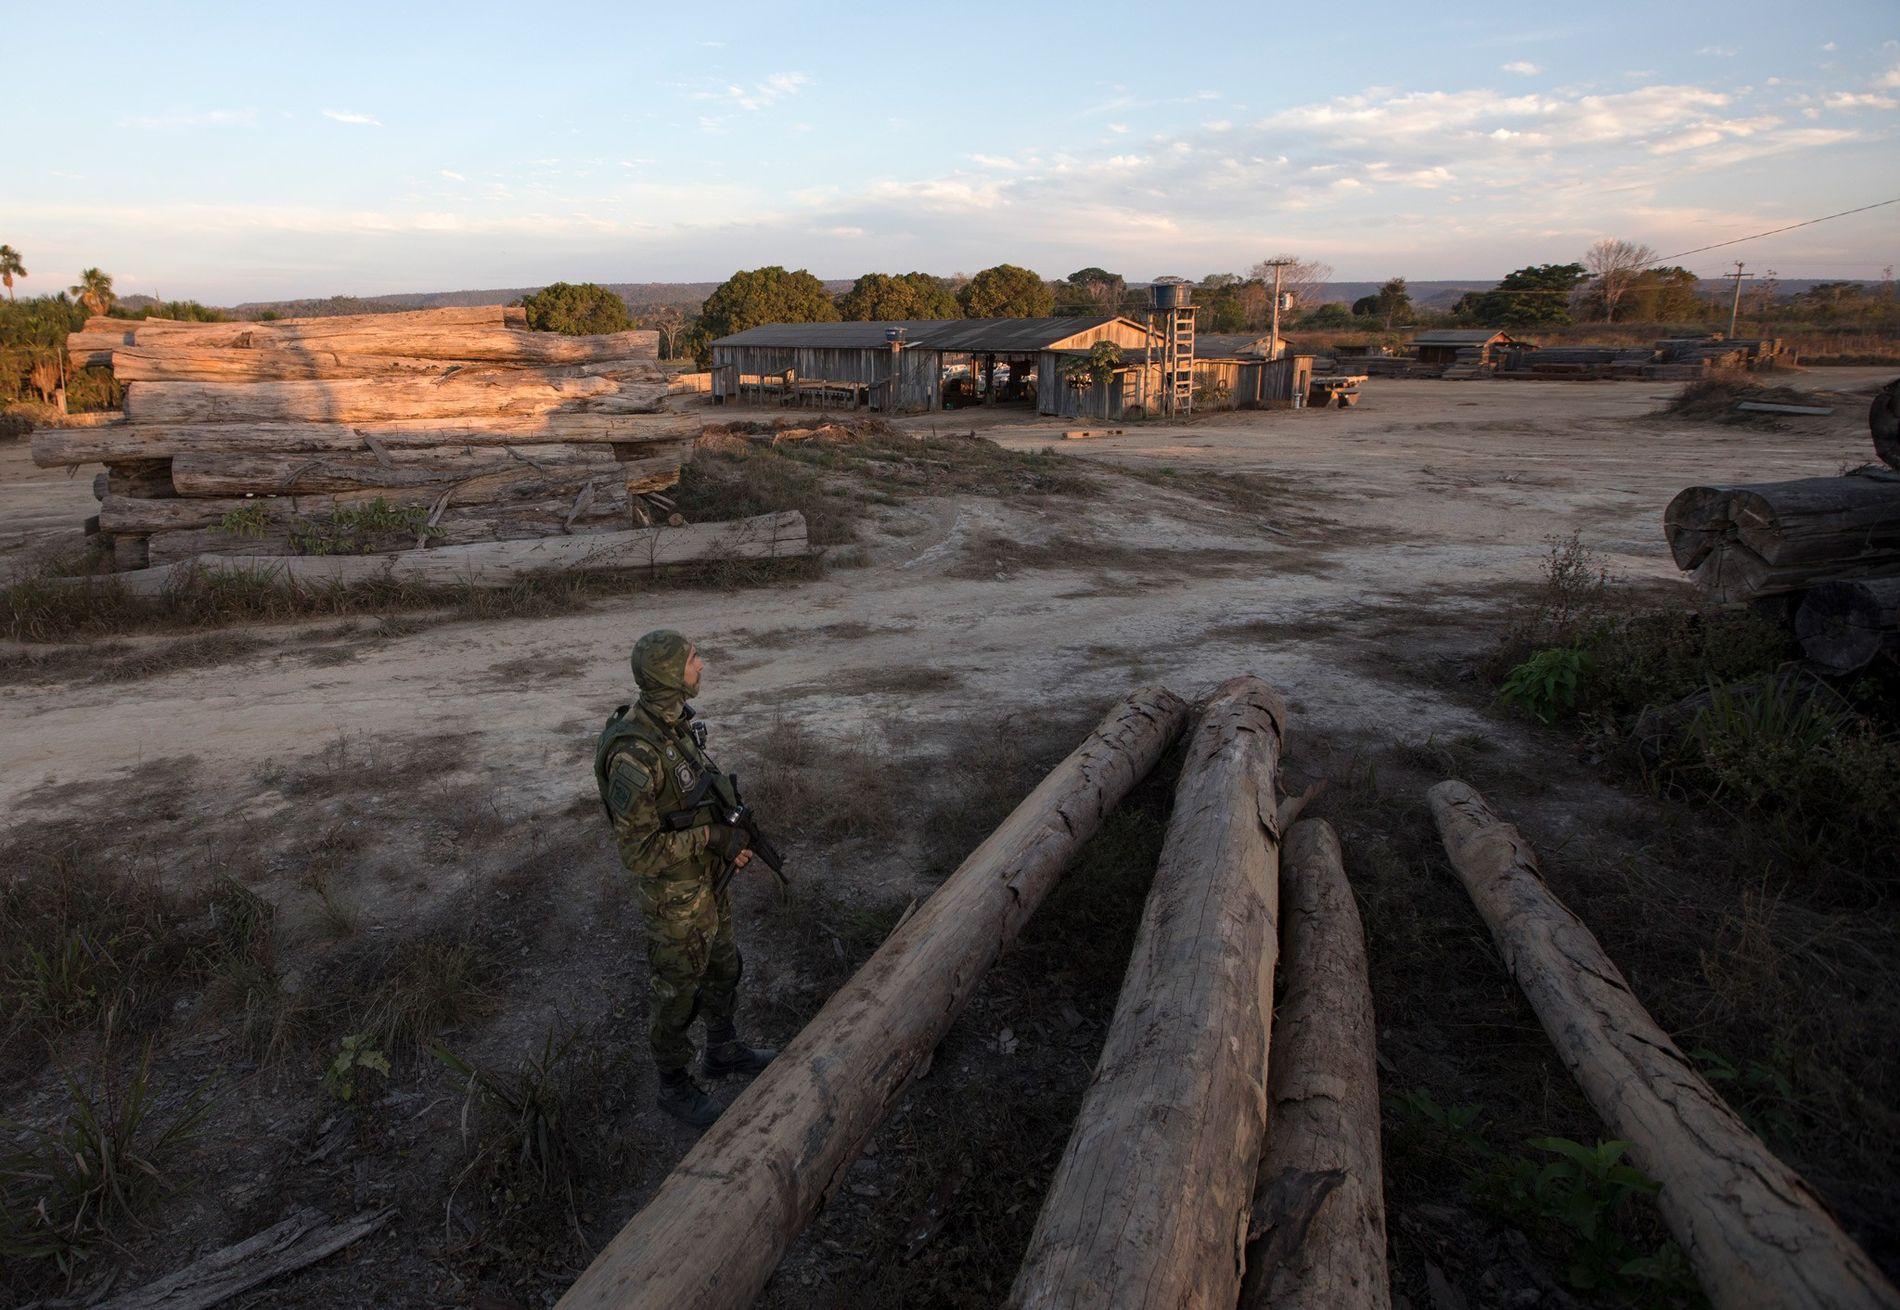 Um oficial solitário do IBAMA a vigiar uma serração em Boa Vista do Pacarana, na Rondônia. ...